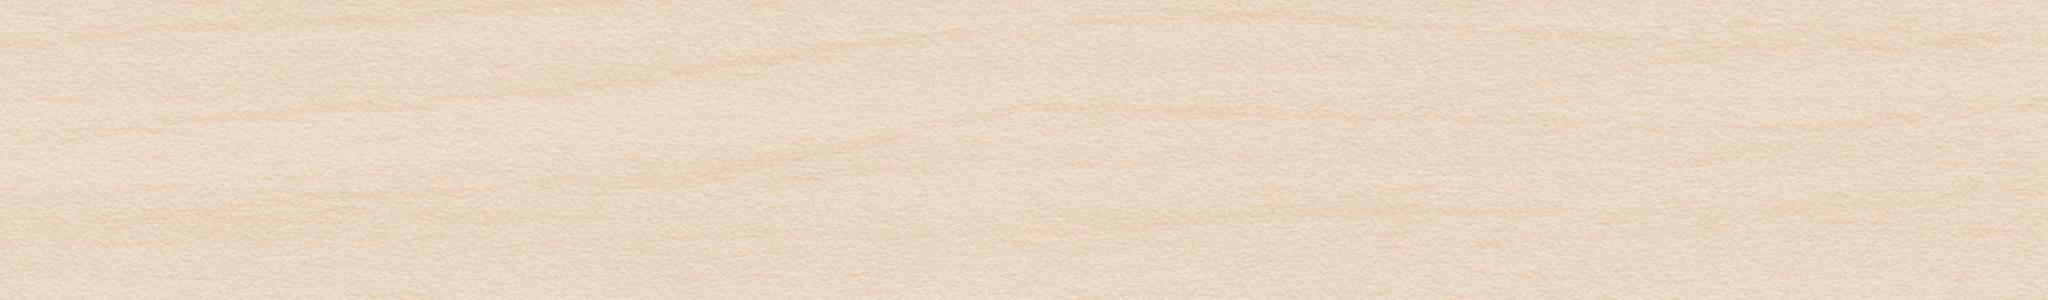 HD 272715 ABS Kante Schnee Birke perl